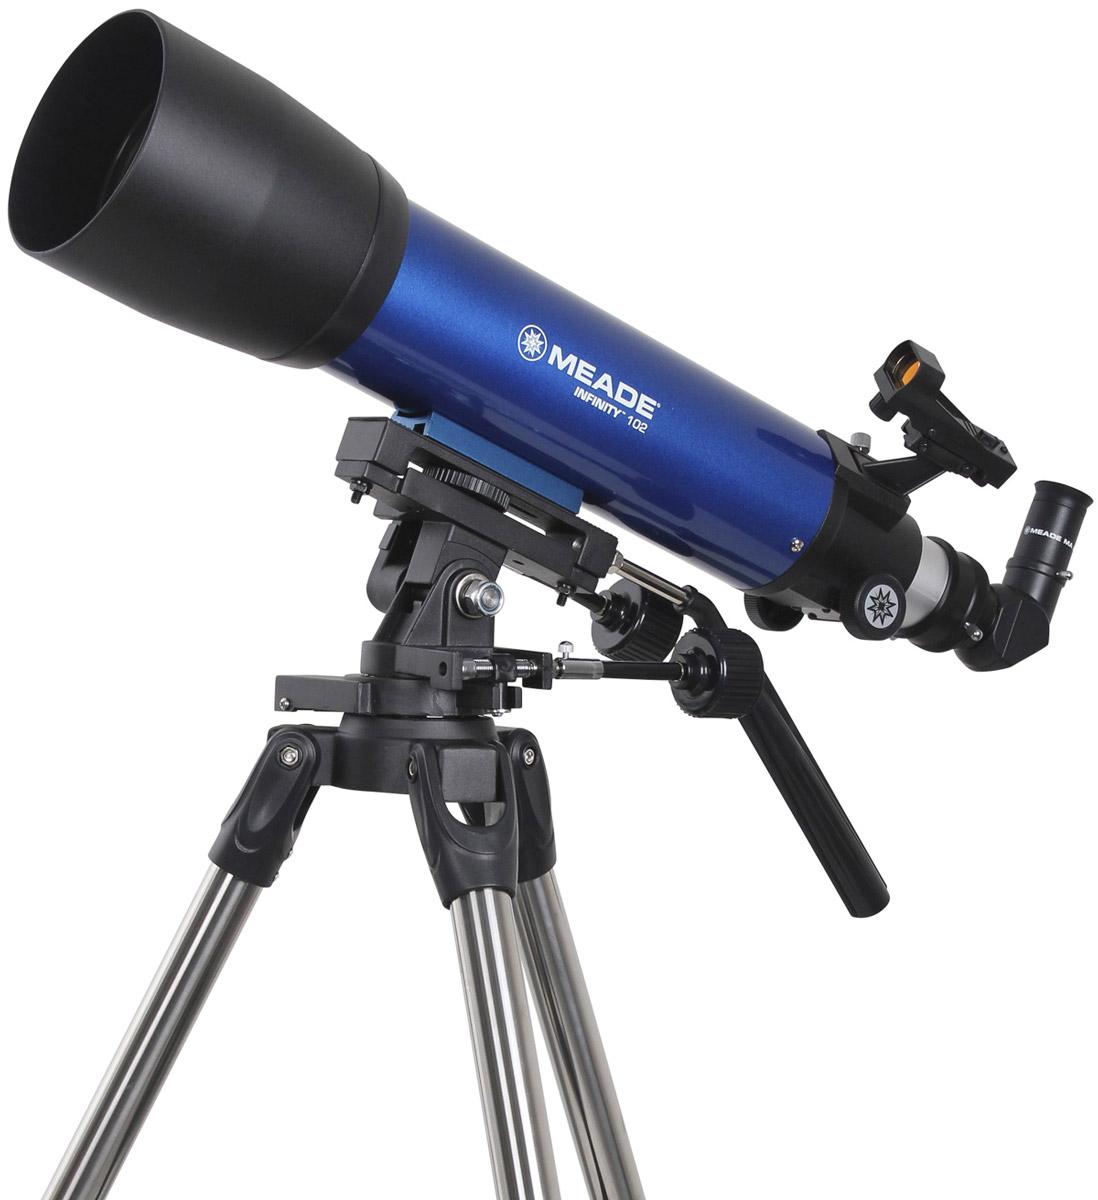 Meade Infinity 102 мм азимутальный телескоп-рефракторTP209006Классический 102-мм ахроматический рефрактор Meade Infinity с просветленным объективом дает яркие, контрастные изображения тысяч объектов ночного неба, а так же удобен для наблюдений за наземными объектами. Инструмент может быть интересен как для новичков, благодаря простоте сборки и управления, а любители астрономии со стажем оценят надежную устойчивую монтировку, отличную оптику и возможность вести фотосъемку ярких астрономических объектов.Телескоп установлен на усиленную альт-азимутальную монтировку на прочной стальной треноге с возможностью регулировки высоты ног, делая его удобным при наблюдениях независимо от роста человека. Микрометрические винты обеспечивают плавное ведения телескопа по обеим осям. Для быстрого поиска объектов на трубе телескопа установлен искатель c красной точкой - Red Dot.Все оптические элементы оптической трубы Meade Infinity 102 мм имеют многослойное просветляющее покрытие, обеспечивающее высокий контраст изображения. Труба снабжена двумя типами стандартных креплений: штативное крепление (для установки на монтировку из комплекта поставки) и ласточкин хвост (для установки на другие монтировки). При этом имеется возможность использовать штатную монтировку с треногой в качестве обычного фотоштатива.В комплект входят три окуляра: 6,3 (95х ) мм, 9 (67х) мм и 26 (23х) мм, и 2 кратная линза Барлоу, которая удлиняет фокусное расстояние ровно в два раза. Тем самым у пользователя получается уже не три, а шесть увеличений: 95 и 190 крат, 67 и 134 крат и 23 и 46 крат. Диагональная 90 градусная призма, обеспечивает максимальный комфорт при наблюдении наземных объектов.Окулярный узел телескопа позволяет также устанавливать принадлежности с посадочным диаметром 2 дюйма, что несомненно оценят любители астрономии со стажем.Максимальное увеличение телескопа 200х, относительное отверстие 1:5,9, проницающая способность - 12,3 м (звездной величины). Благодаря этим характеристикам телескопа вы смож